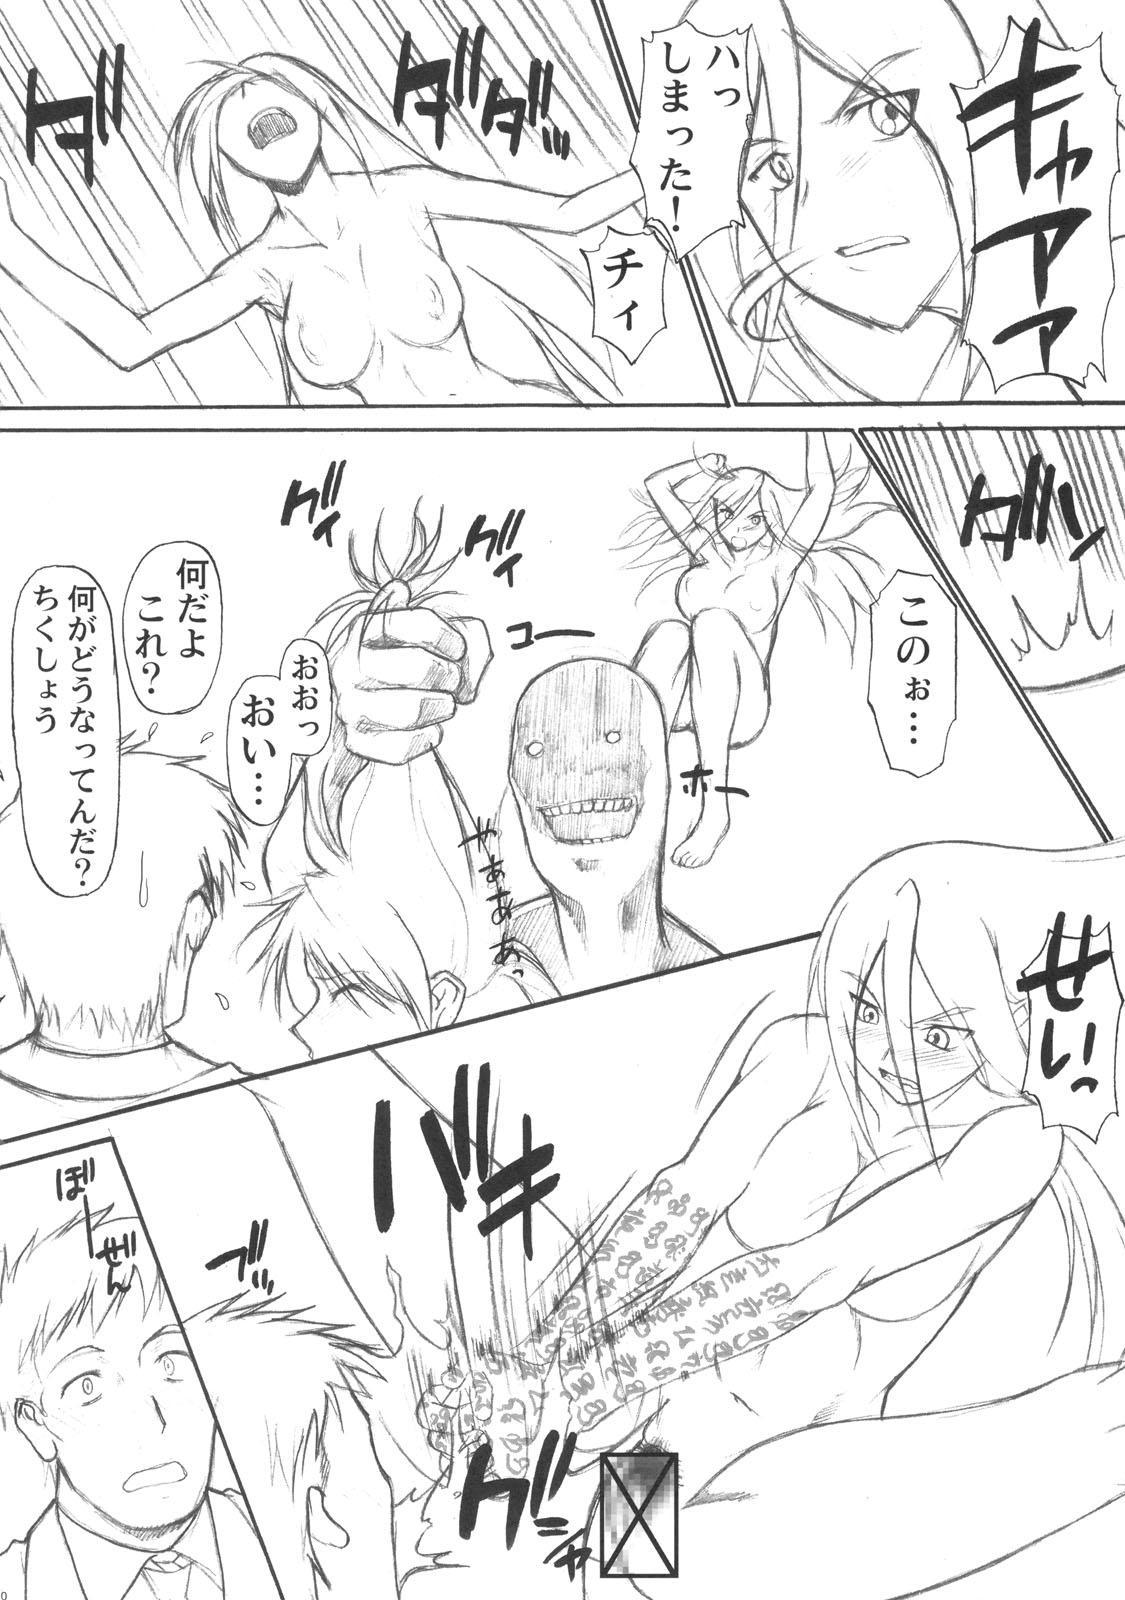 Tokusen! Yonka no Hon 10